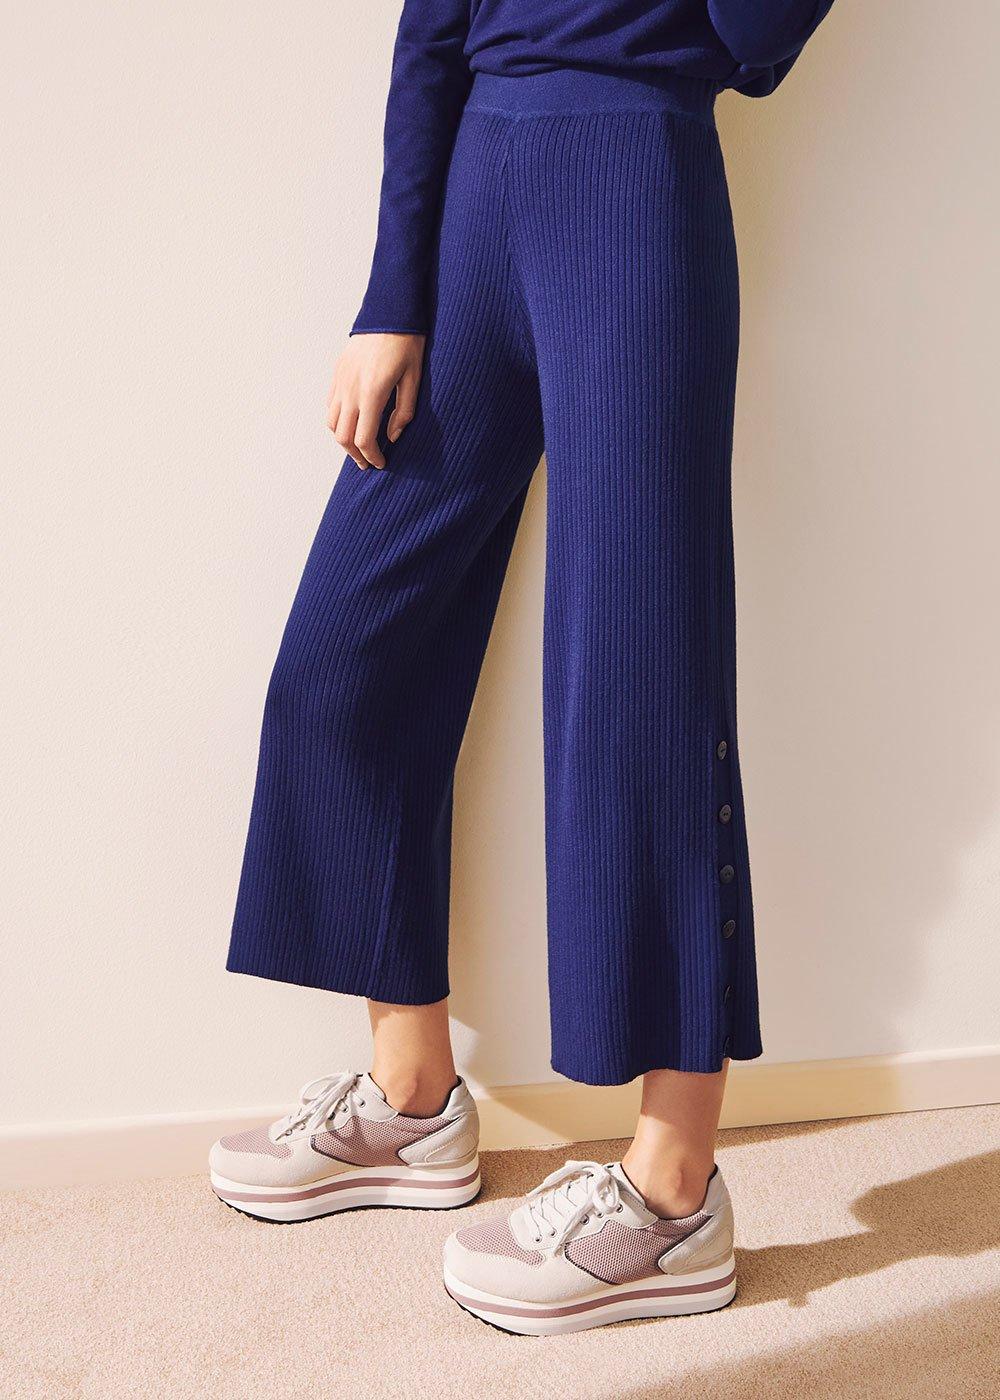 Pantalone Portos in maglia - Oltremare - Donna